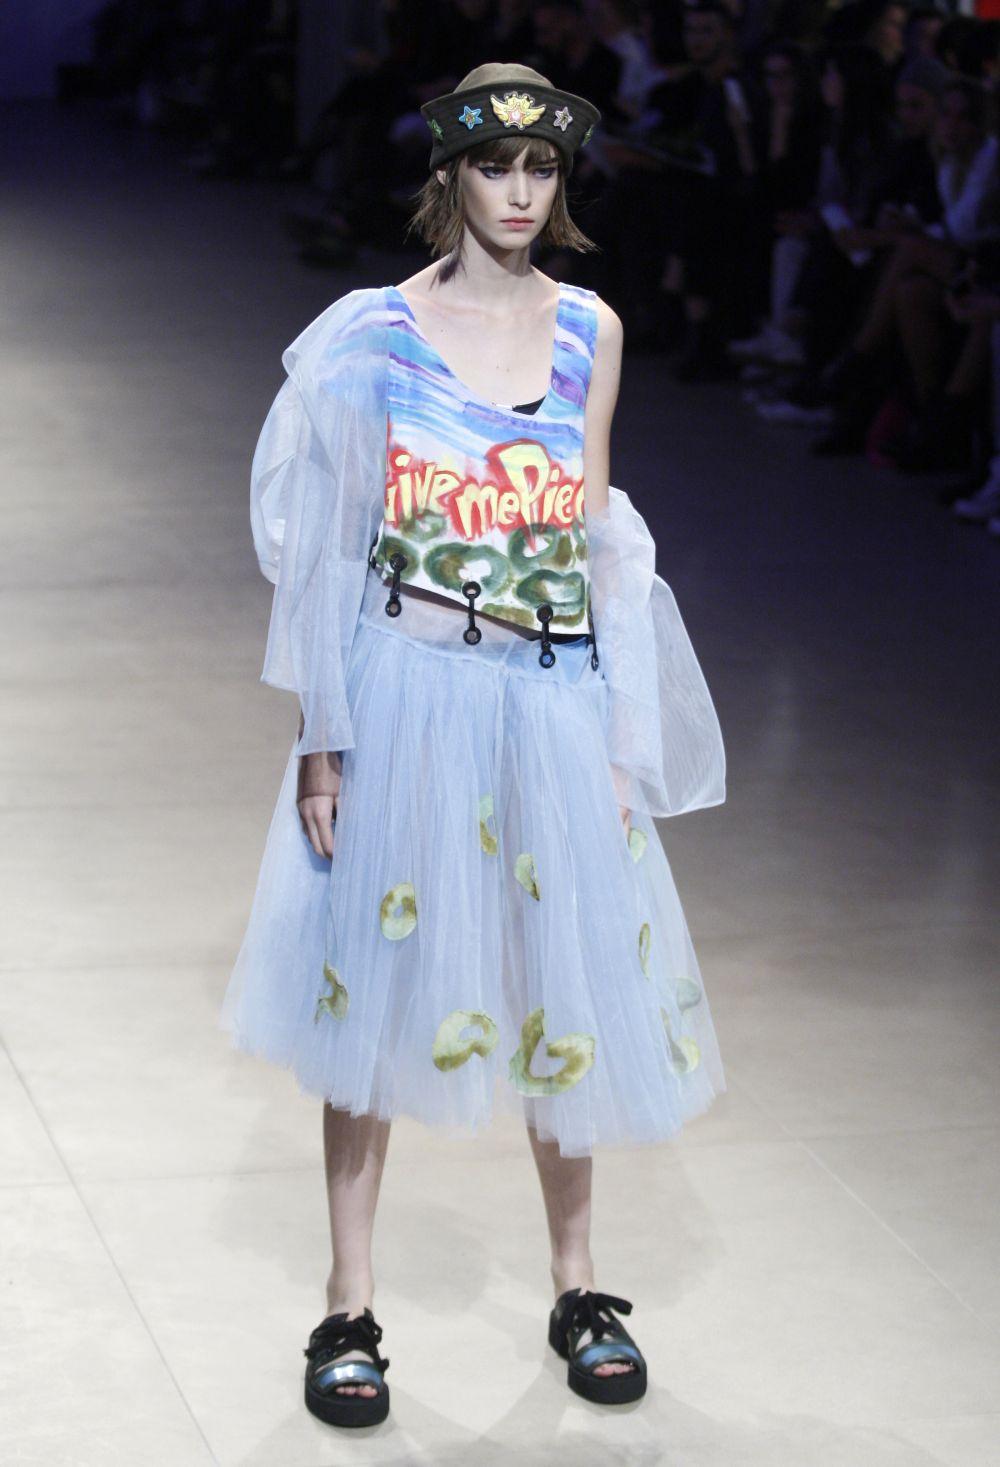 Вот еще один образец на модели от Софии Русинович. Отличные цвета!